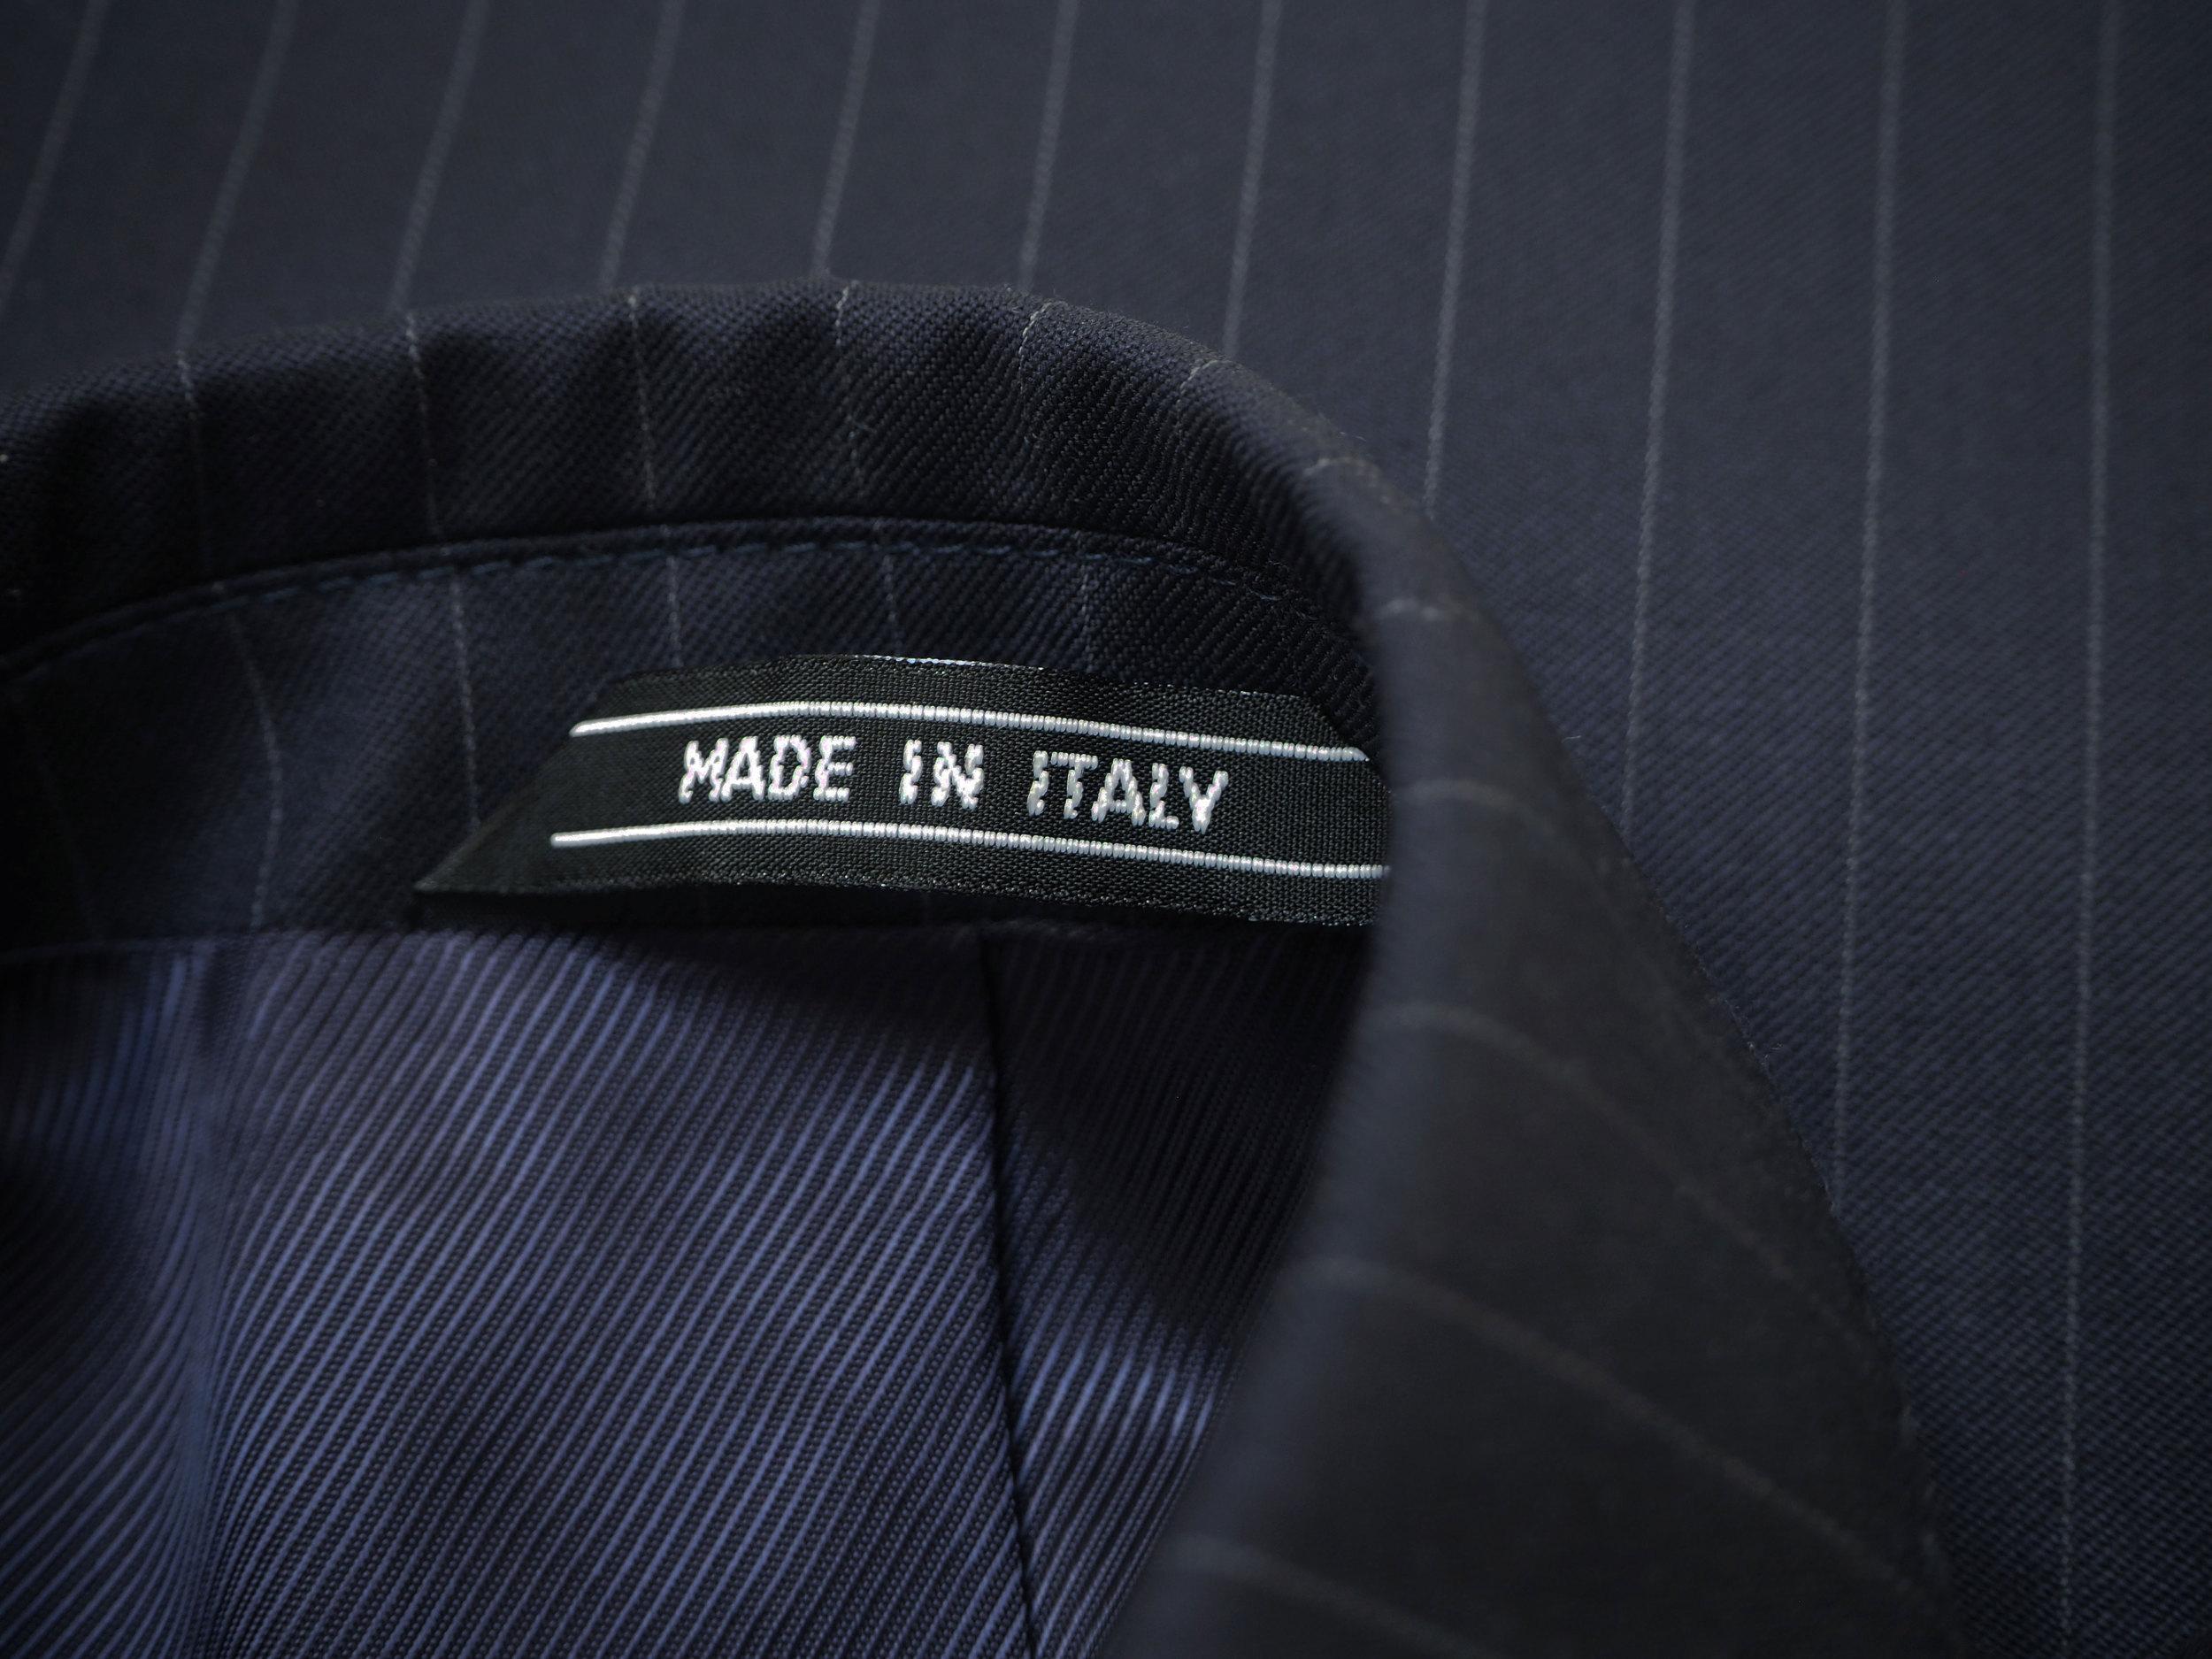 MADE-IN-ITALY---nakke-mørkeblå-jakke-.jpg